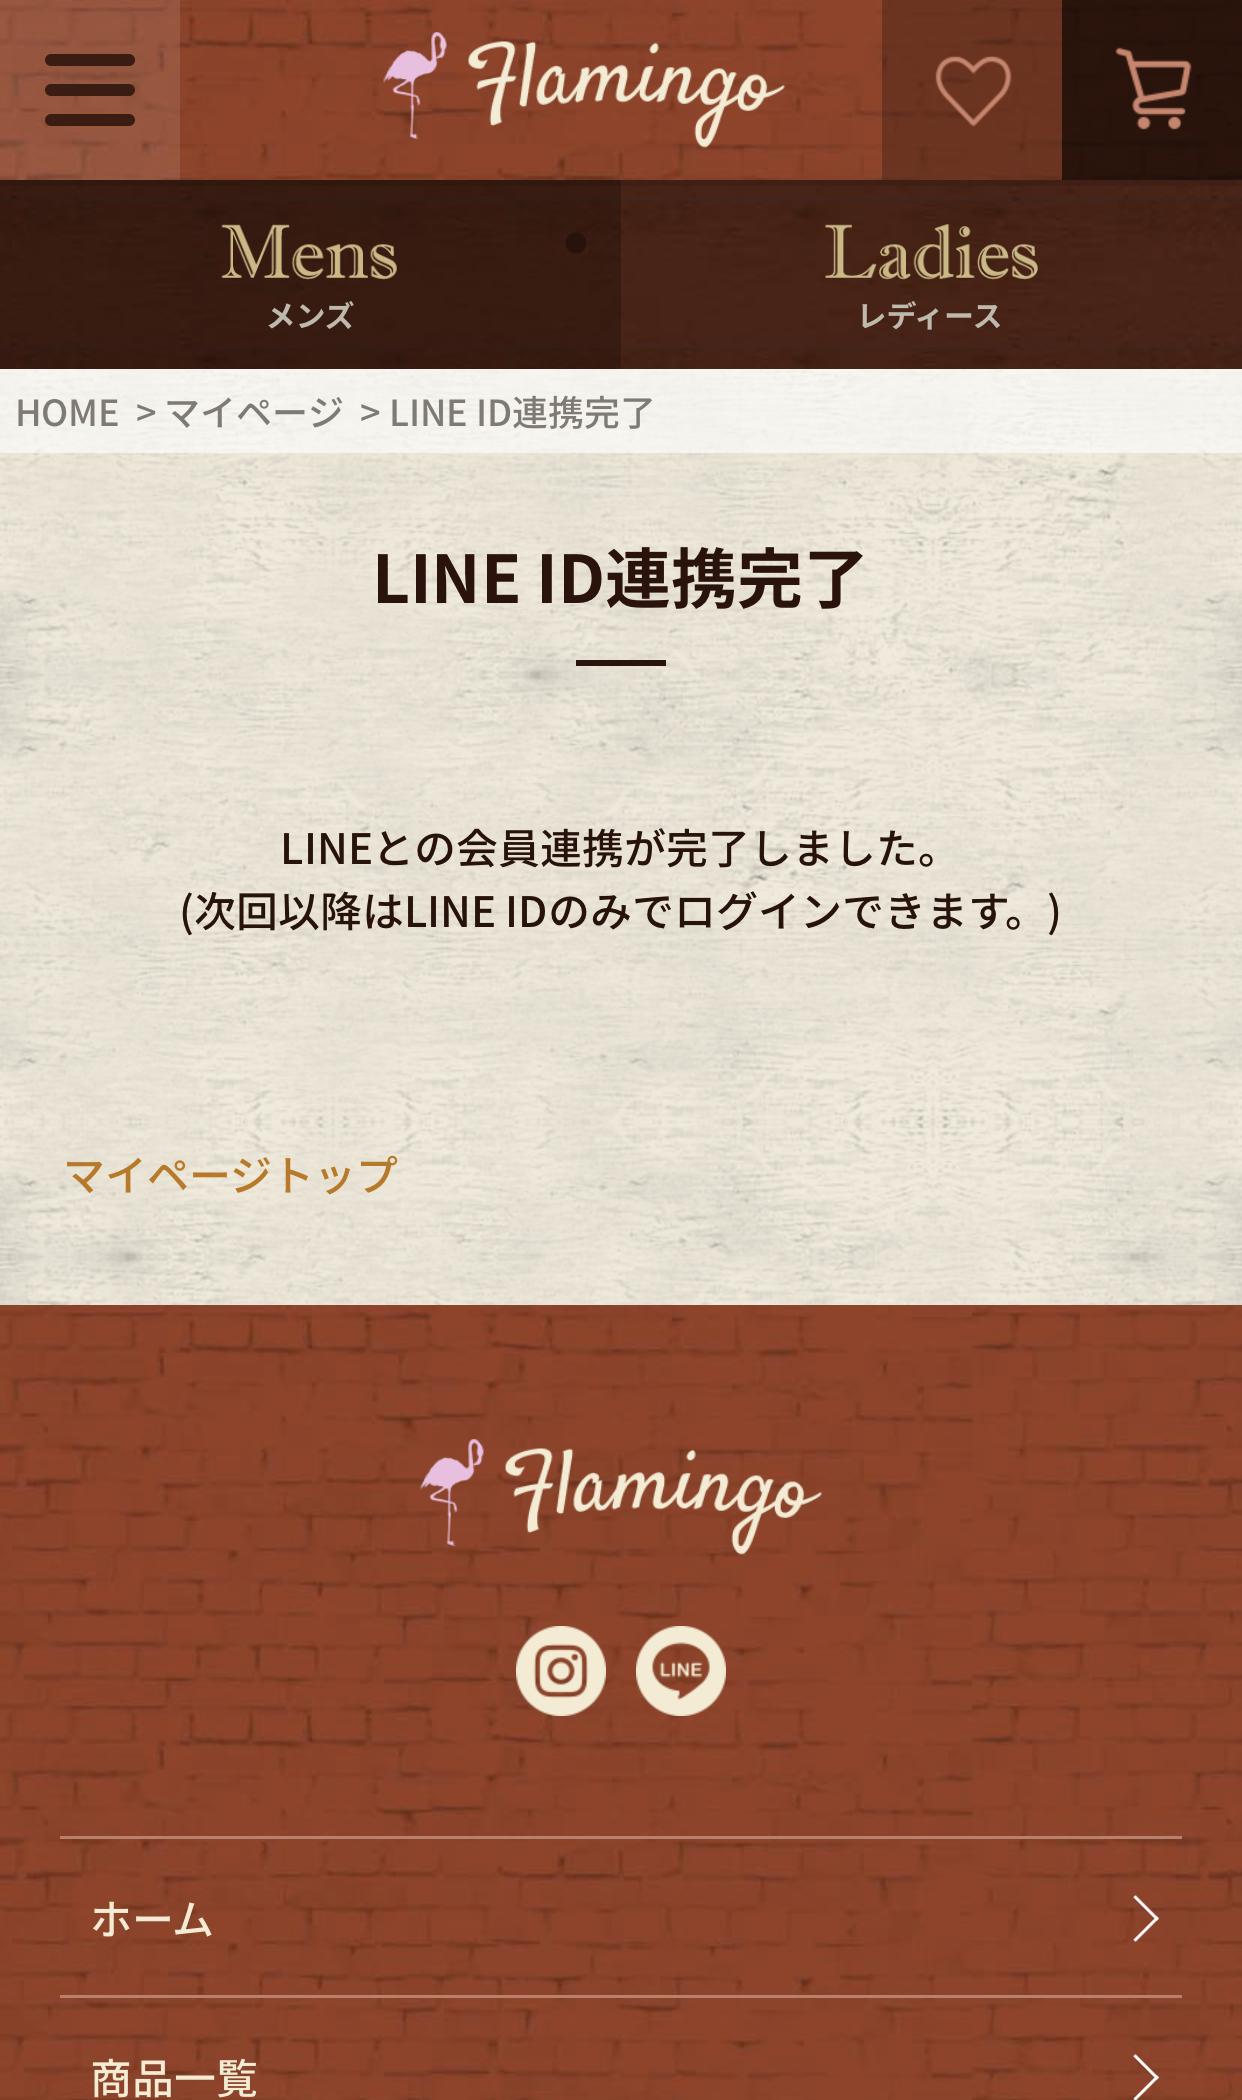 LINE ID連携完了